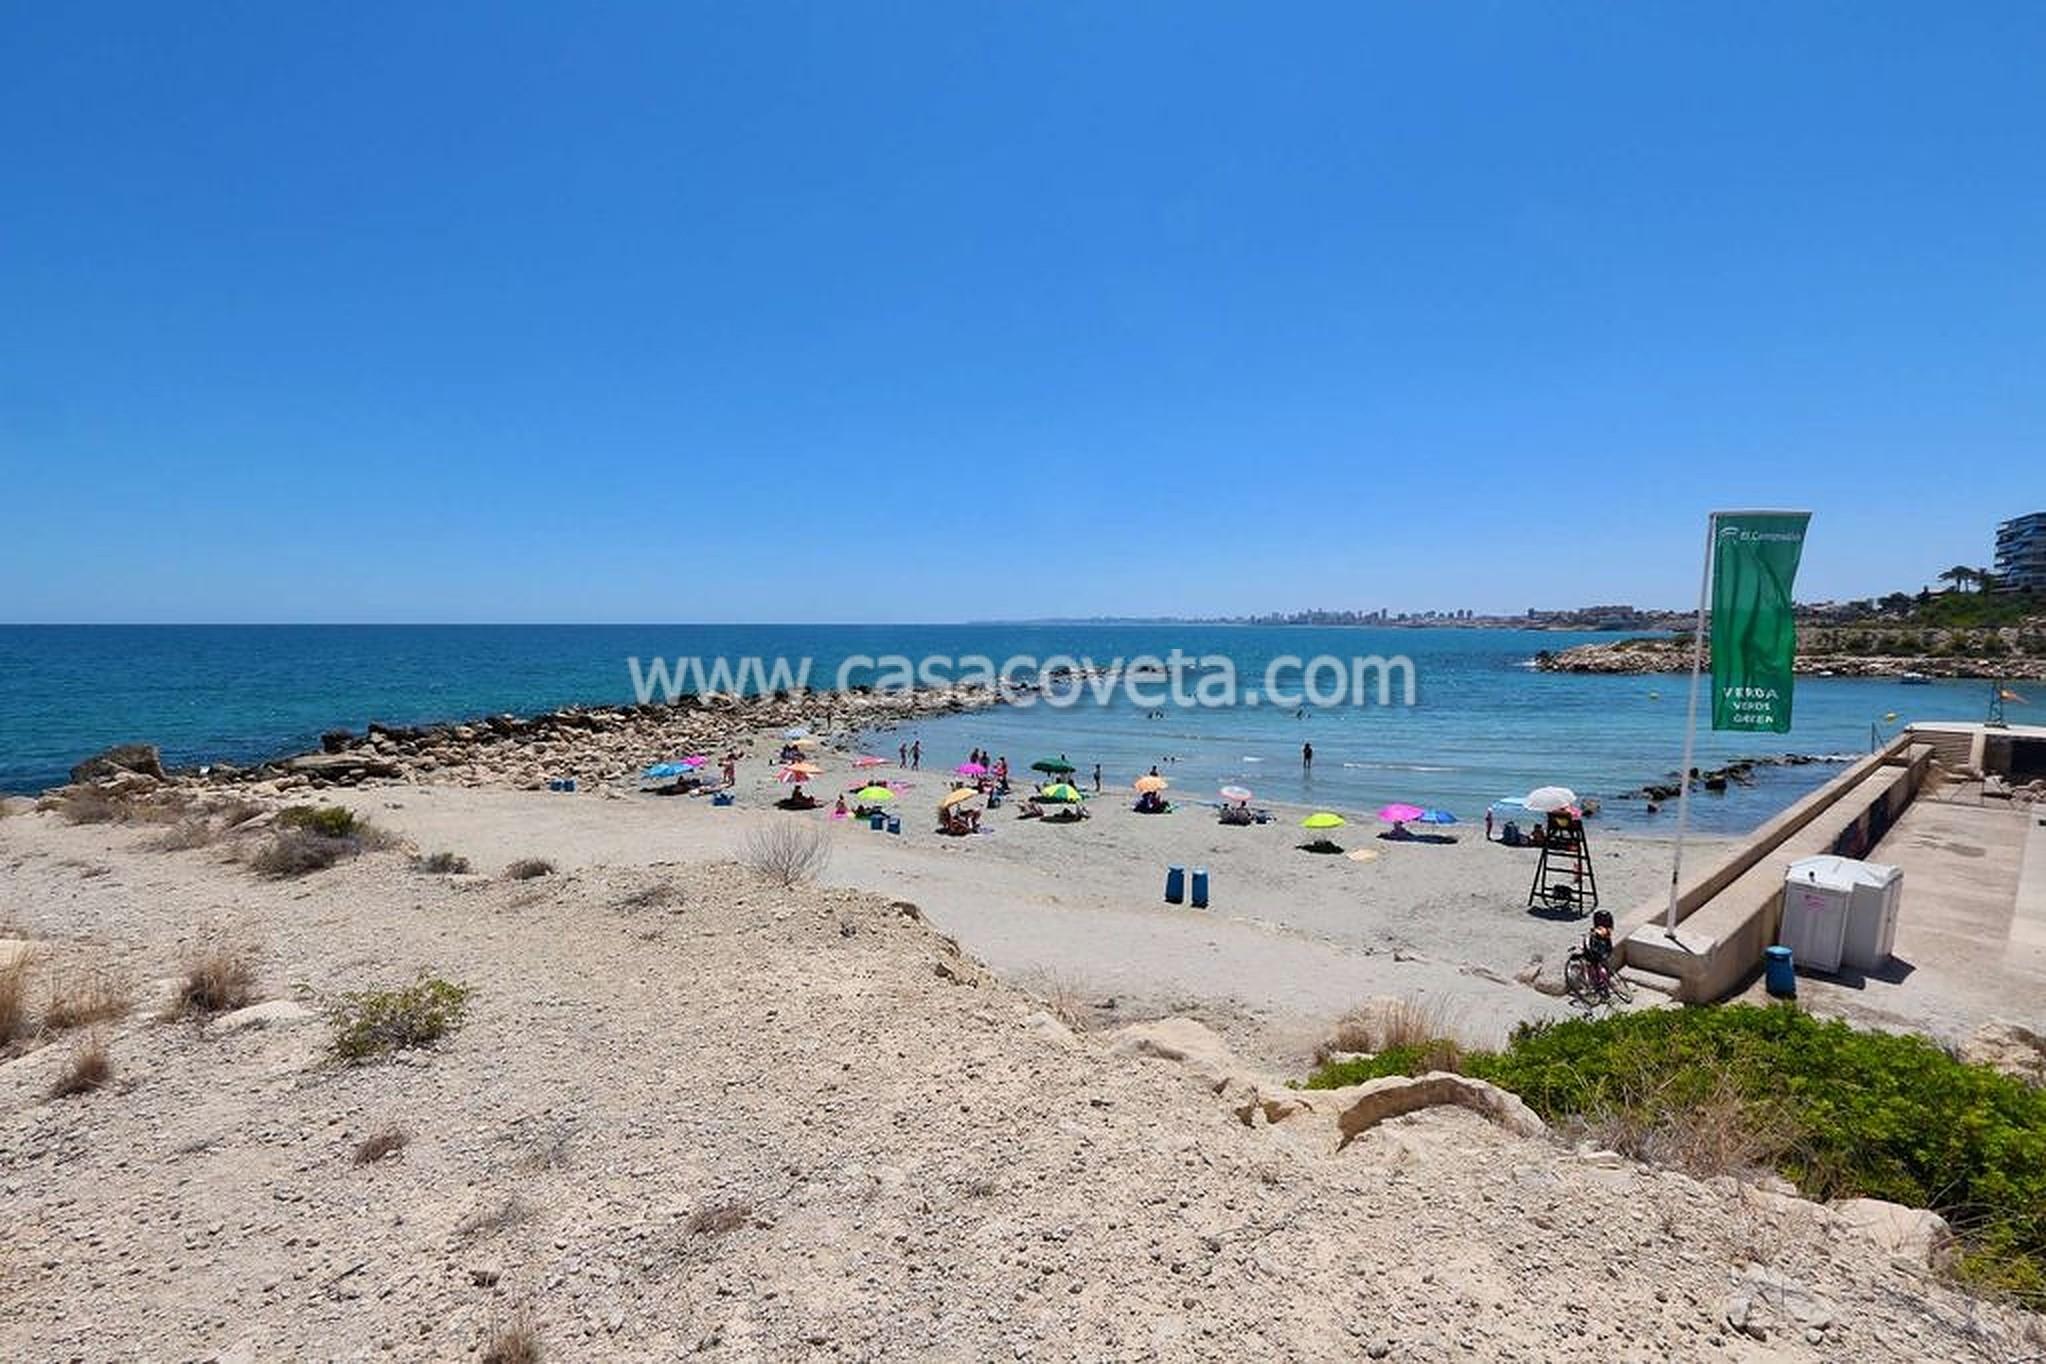 Belle villa située directement sur la baie avec son propre accès à la plage et à la mer Méditerranée Ref. 580